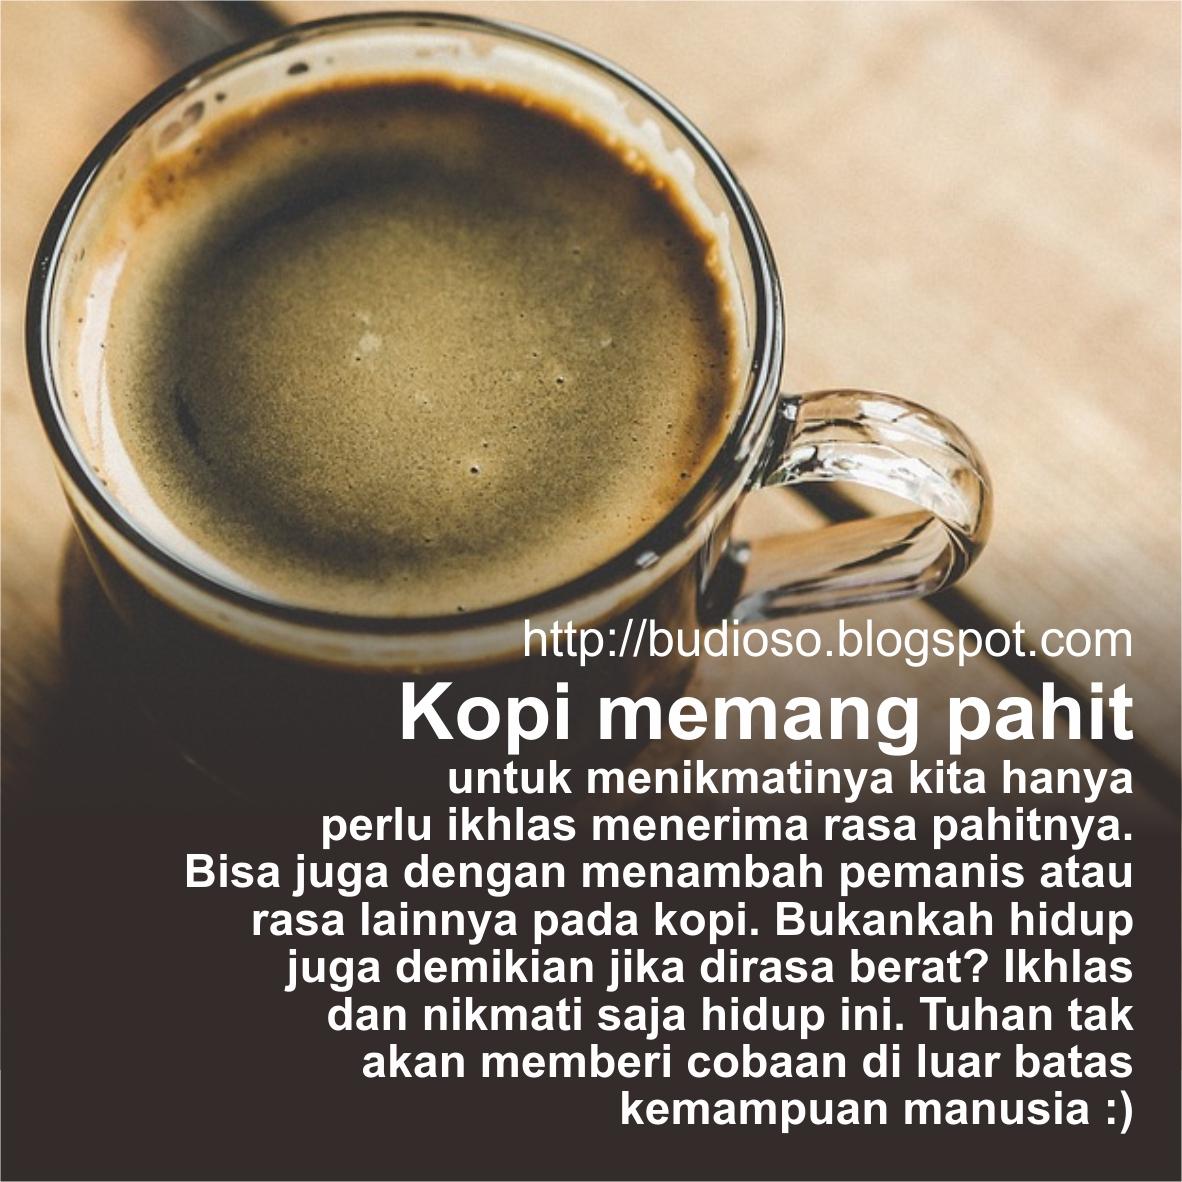 Gambar foto profil kopi semangat hidup